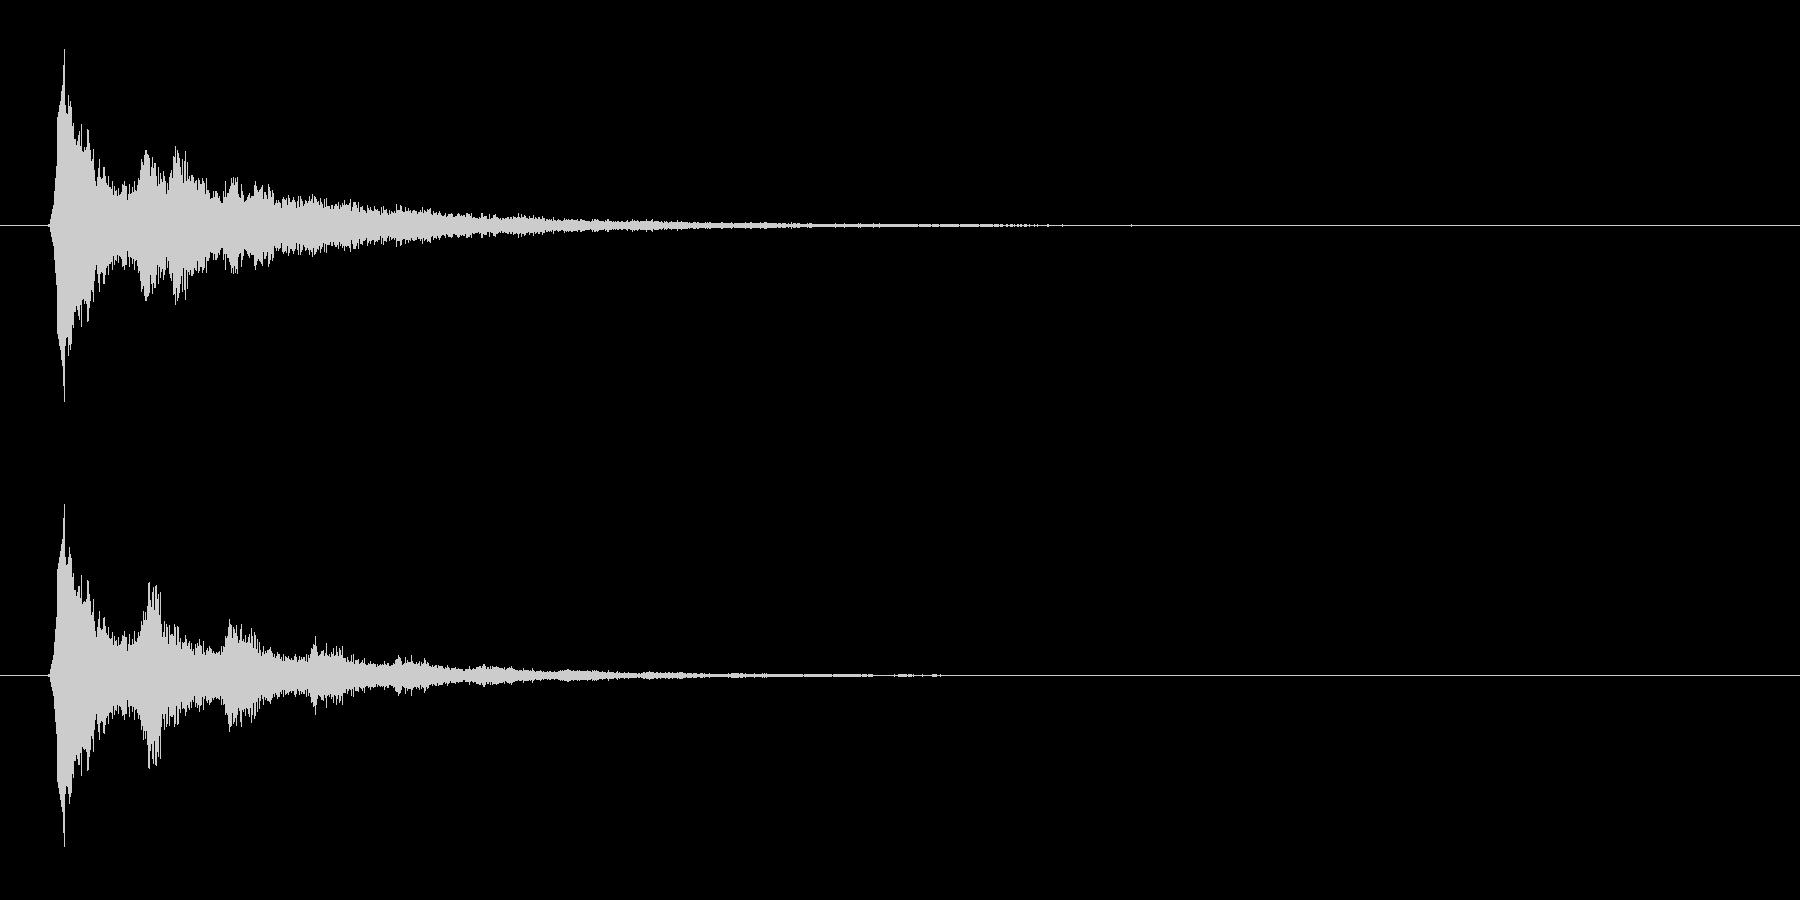 流れ星をイメージした電子音の未再生の波形